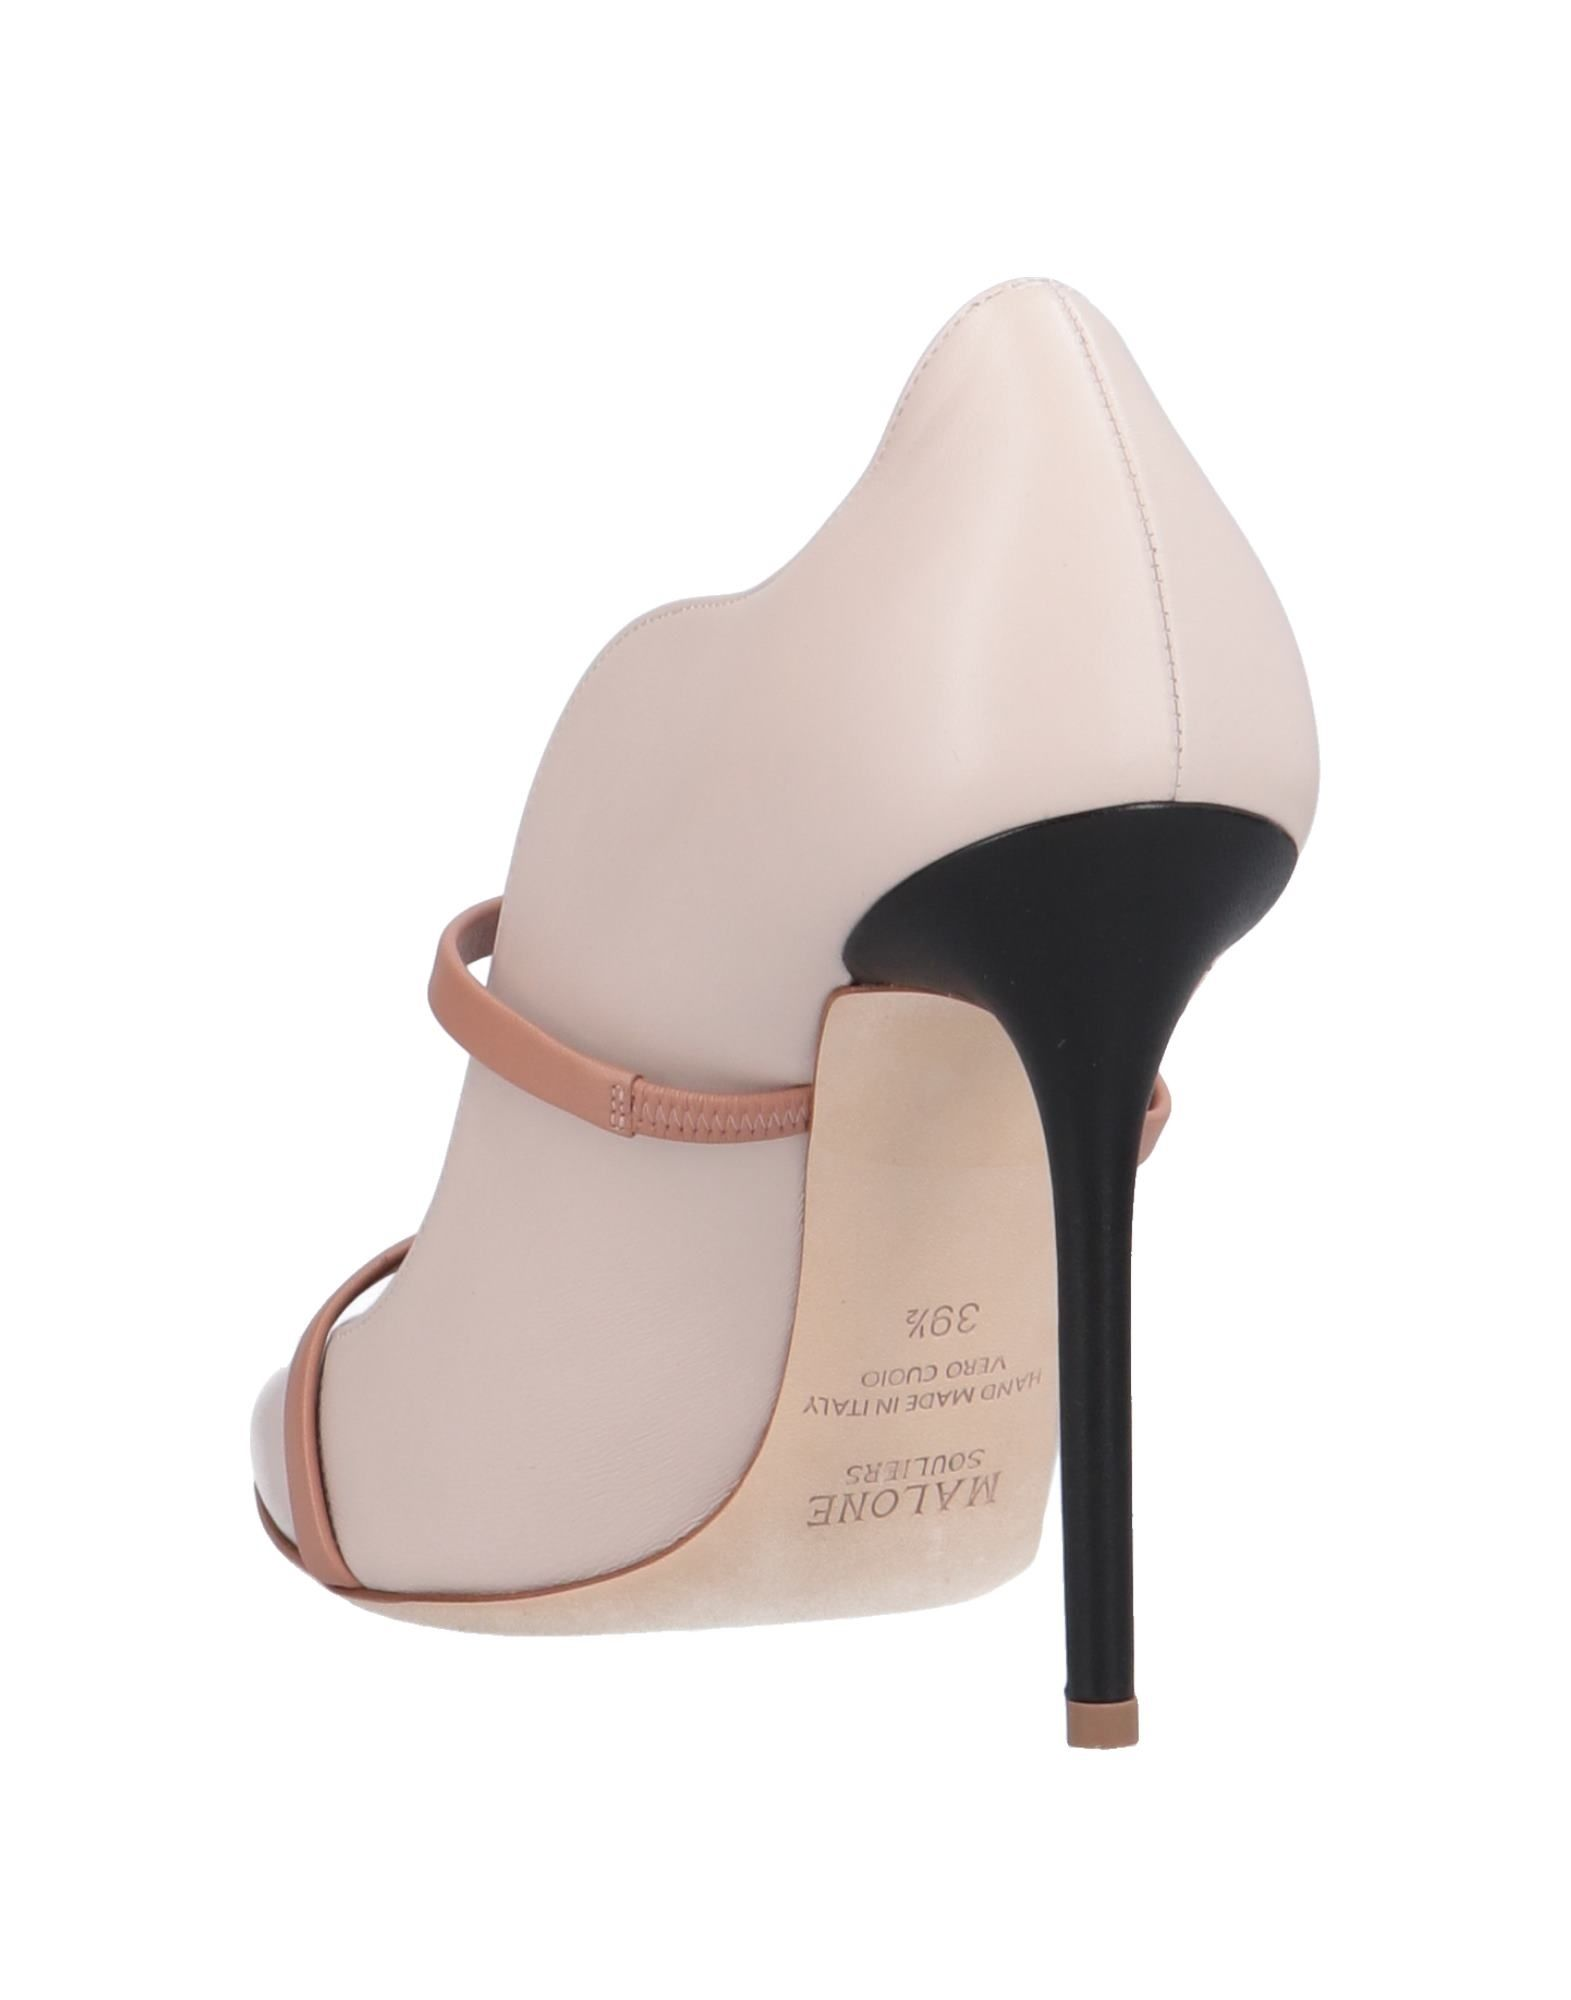 Malone Souliers Pumps Damen Schuhe  11558491PHGünstige gut aussehende Schuhe Damen 7a19a1